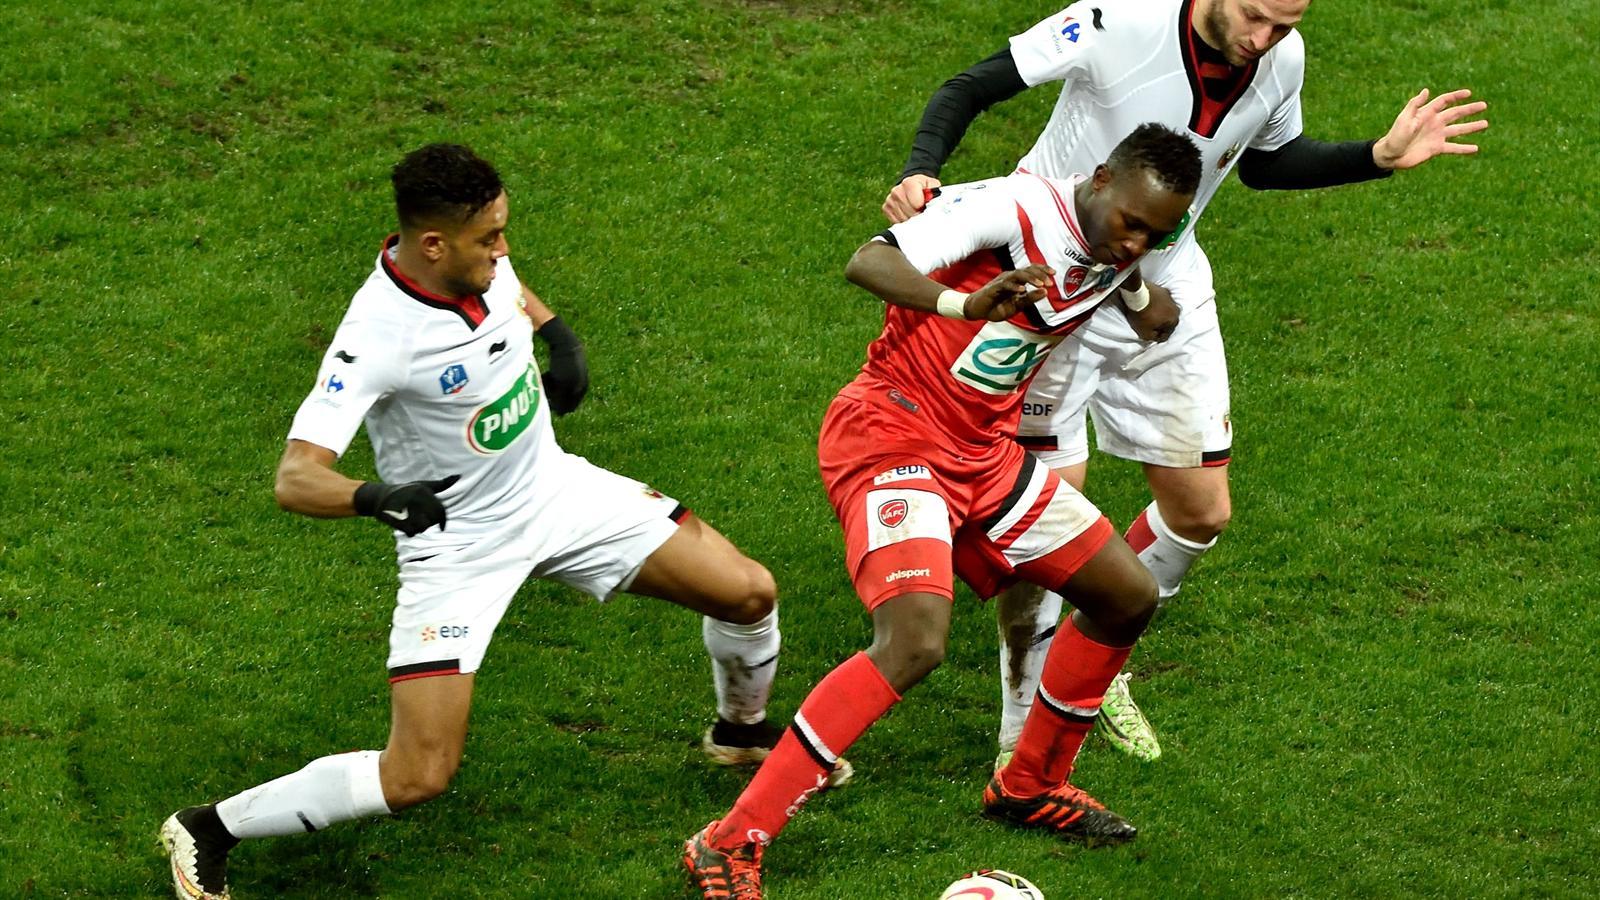 Les 32es de finale de la coupe de france le film de la - Resultat foot feminin coupe de france ...